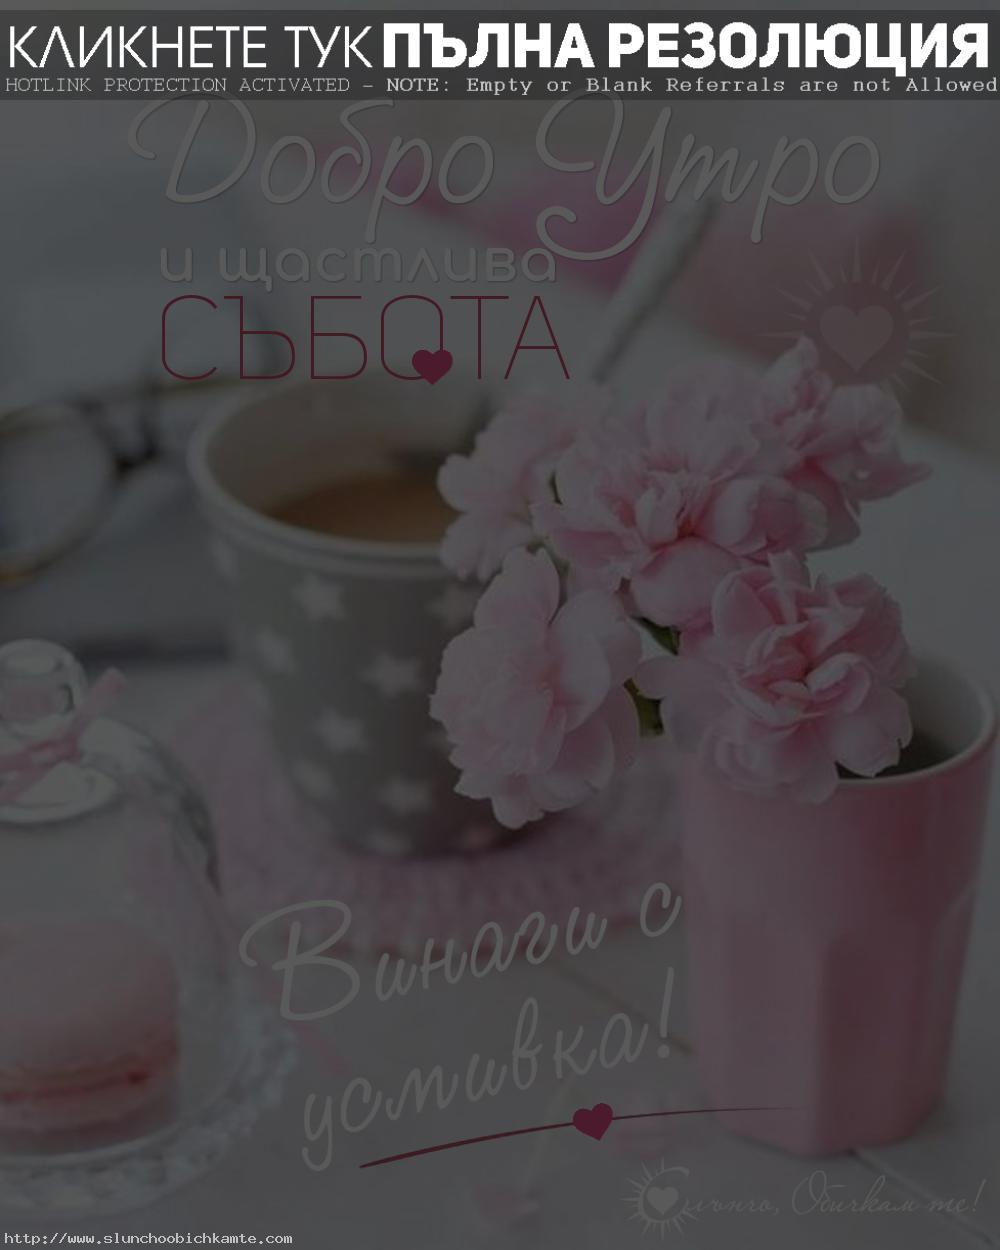 Добро утро и щастлива събота. Винаги с усмивка! - Пожелания за добро утро, хубава събота, пожелания за уикенд, събота, приятна събота, хубав уикенд, кафе, розово, цветя, добро утро с усмивка, добро утро позитивни мисли, слънчо обичкам те